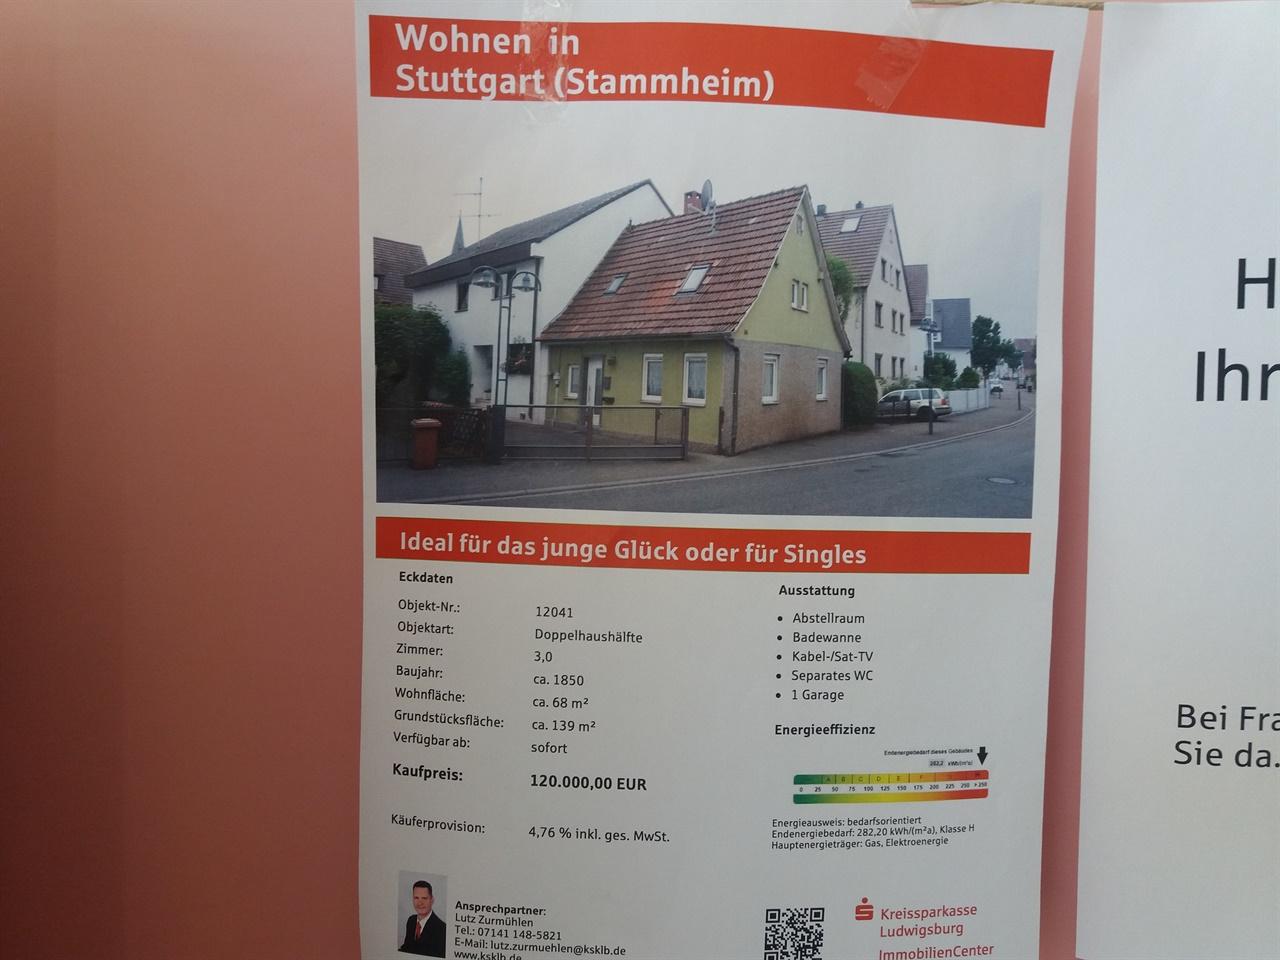 1850년에 지어진 독일 집의 매물 광고